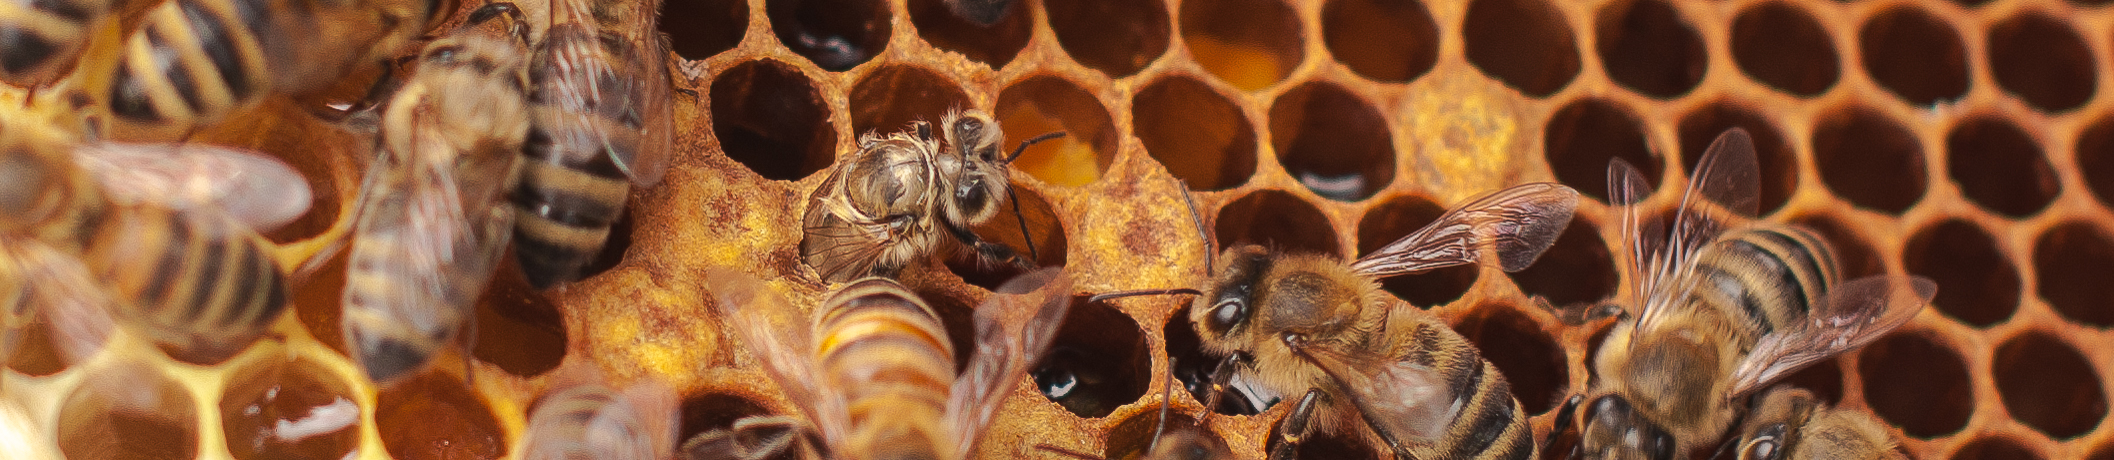 Eine Jungbiene schlüpft